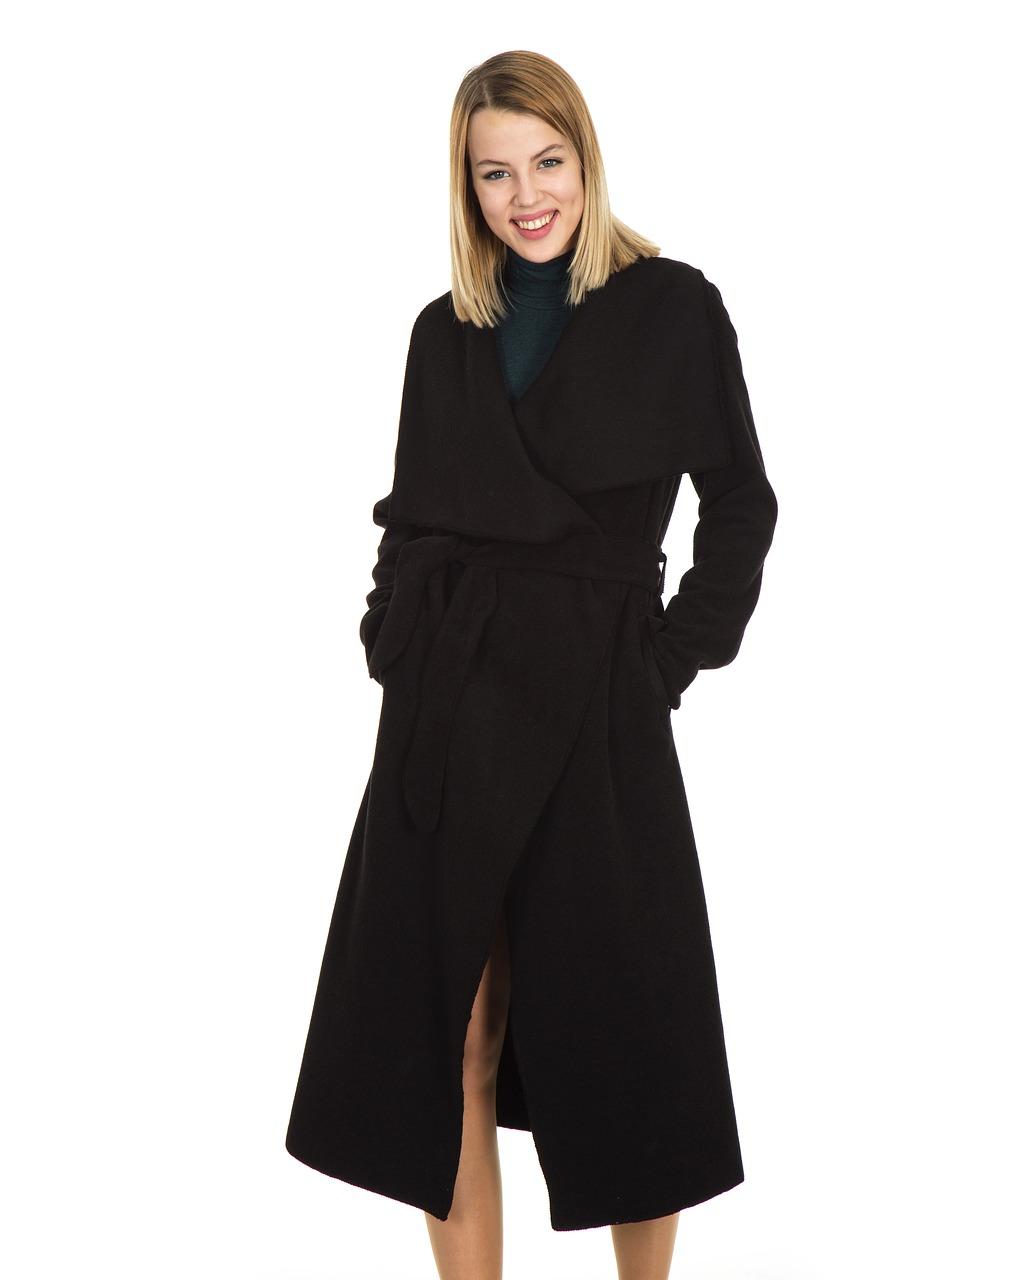 Zara płaszcze inspirowane europejskimi stolicami, płaszcze trencze w nowej odsłonie – outlet przegląd koszul